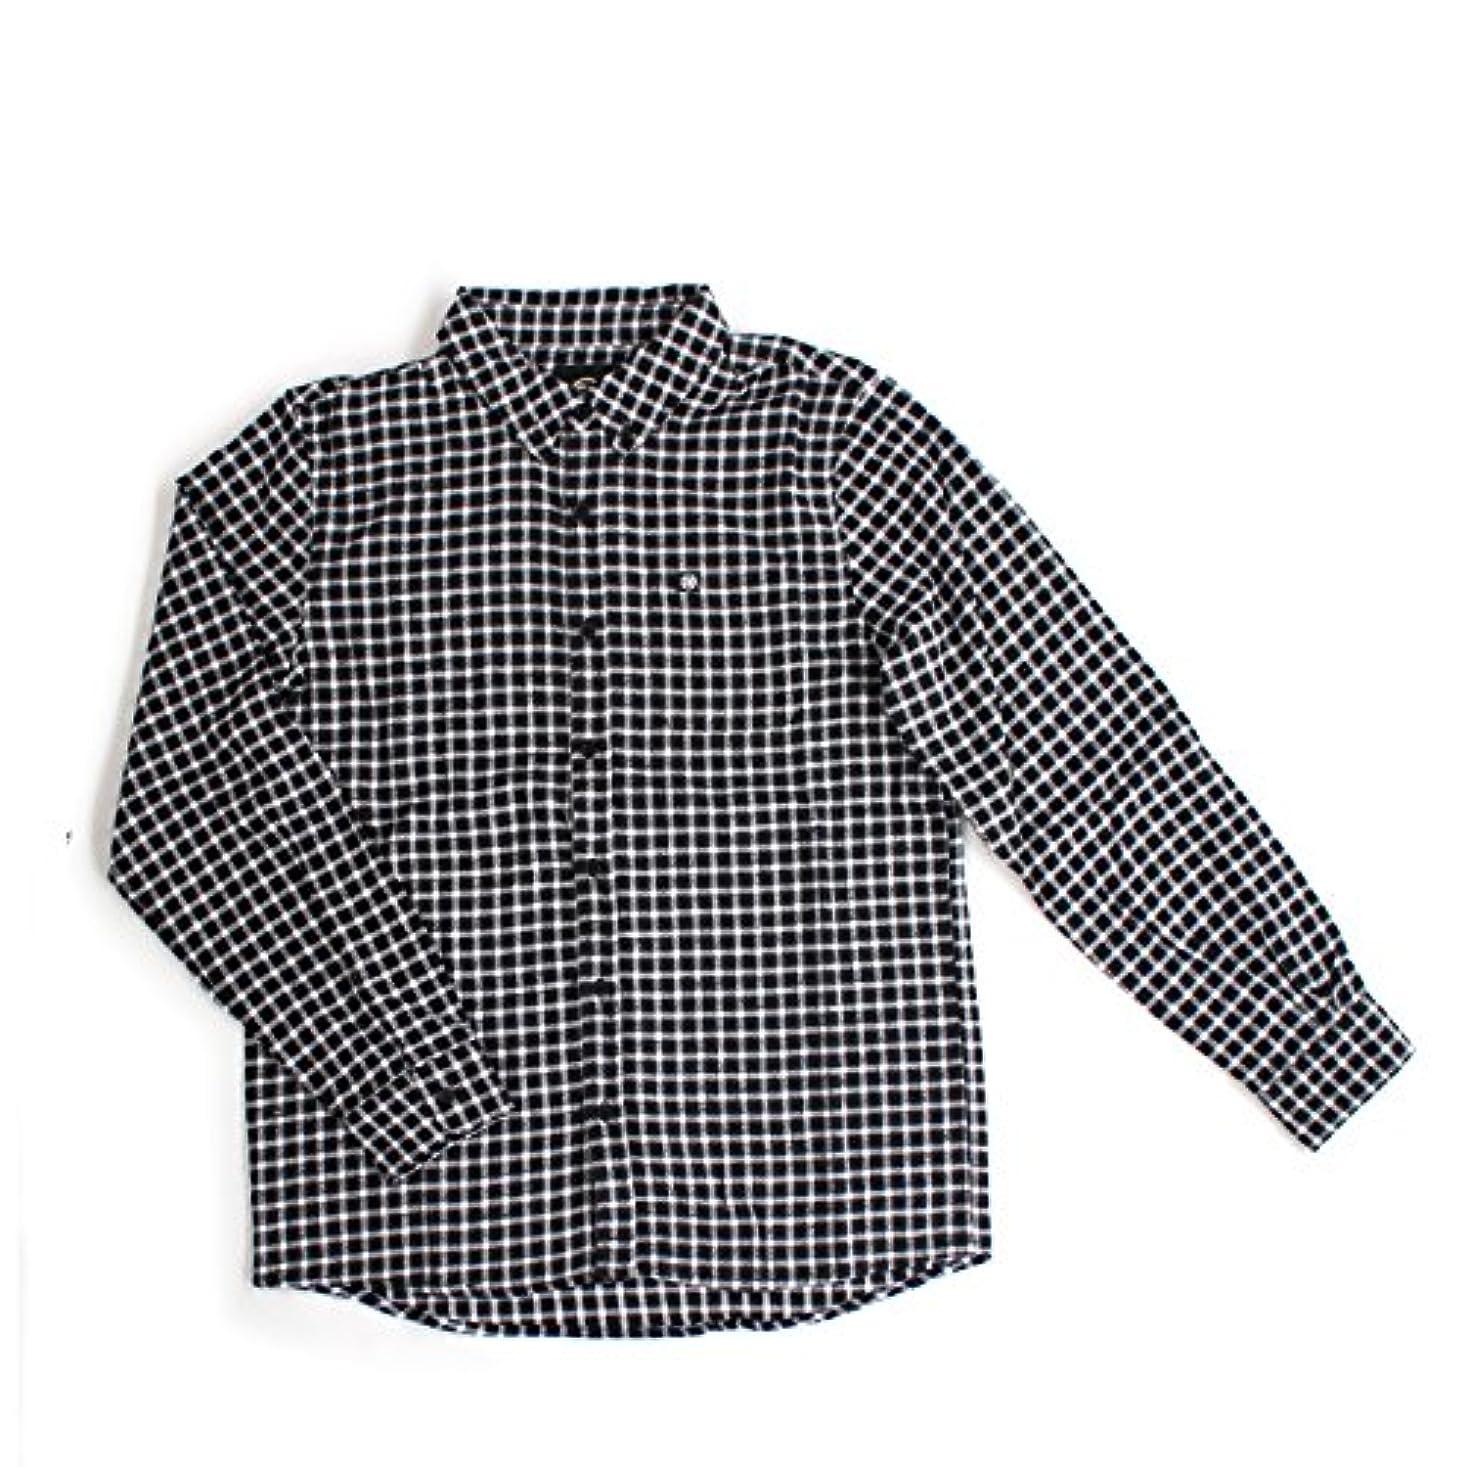 腐敗解く放射能56design(56デザイン) 56DESIGN LONG SLEEVE NEL SHIRT ネルシャツ ボタンダウンシャツ ブラック×ホワイト Lサイズ